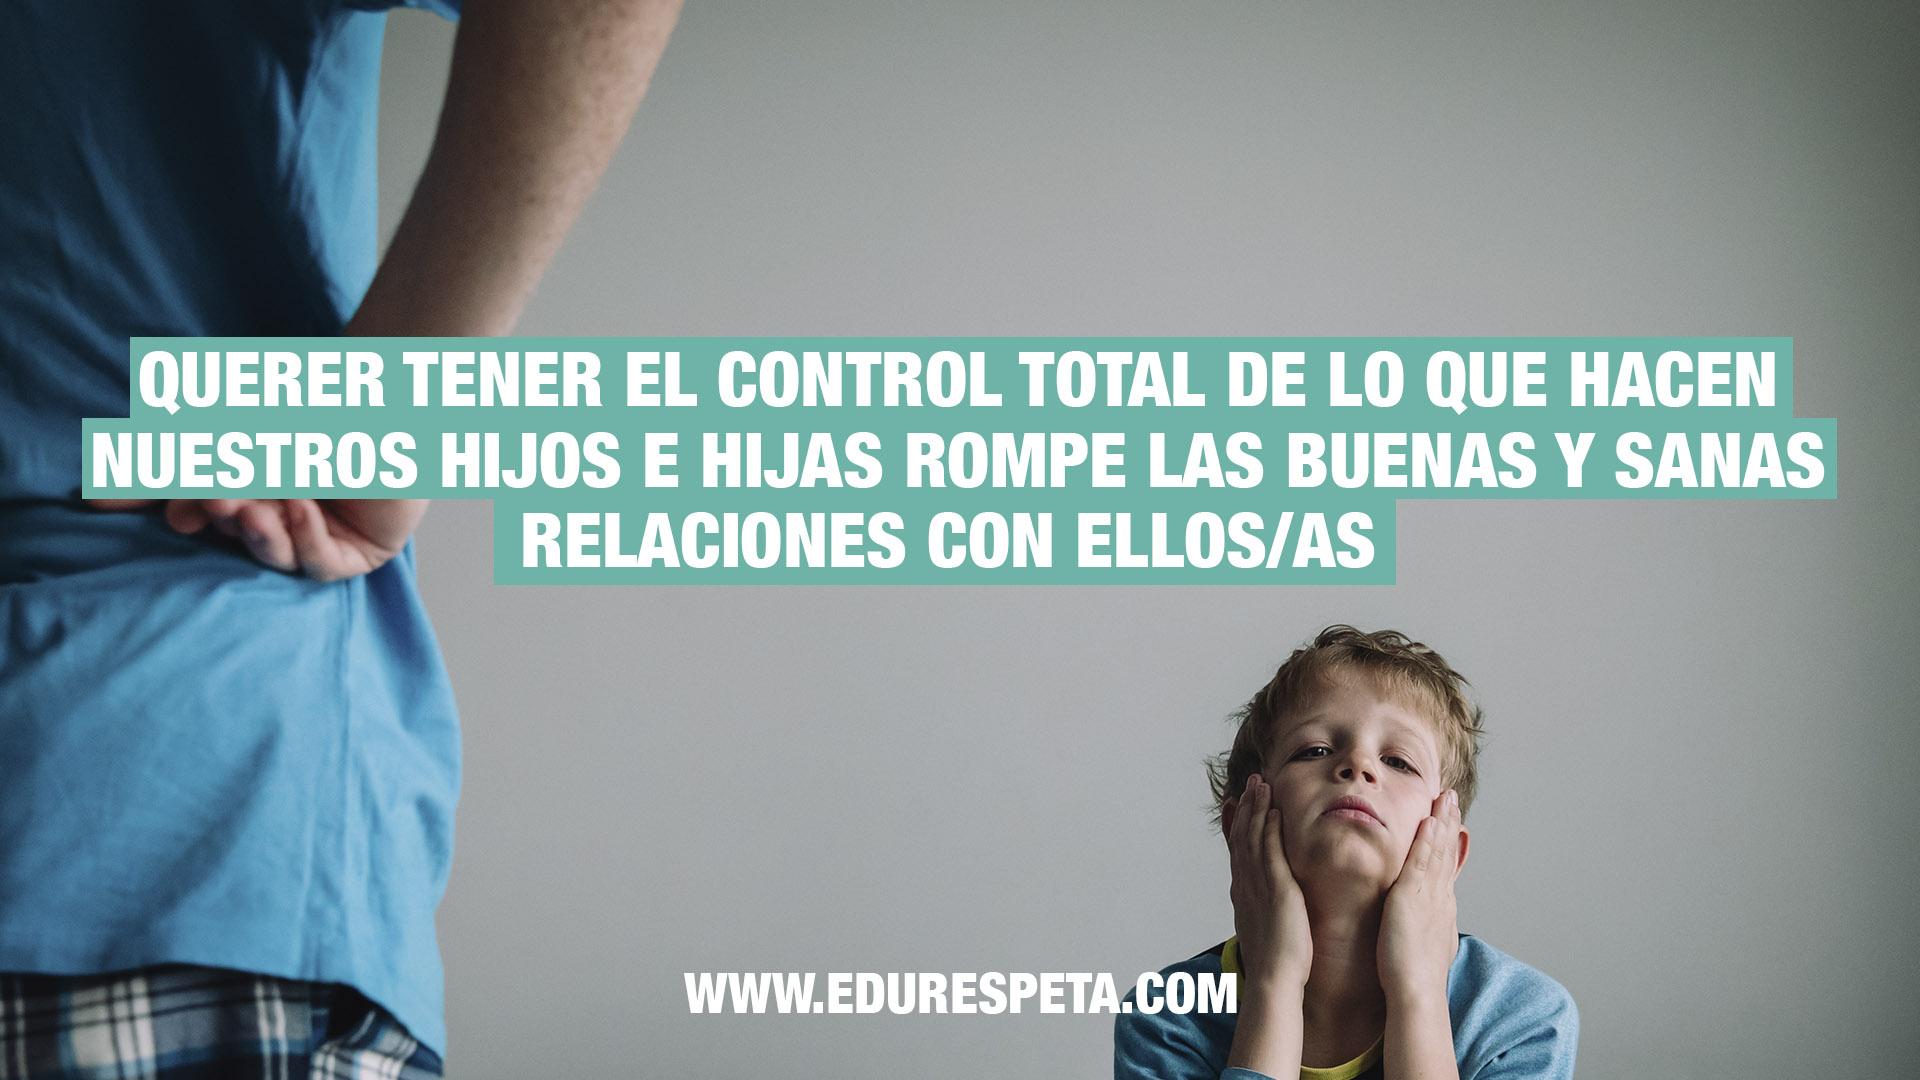 Quere tener el contro total de lo que hacen nuestros hijos e hijas rompe las buenas y sanas relaciones con ellos/as